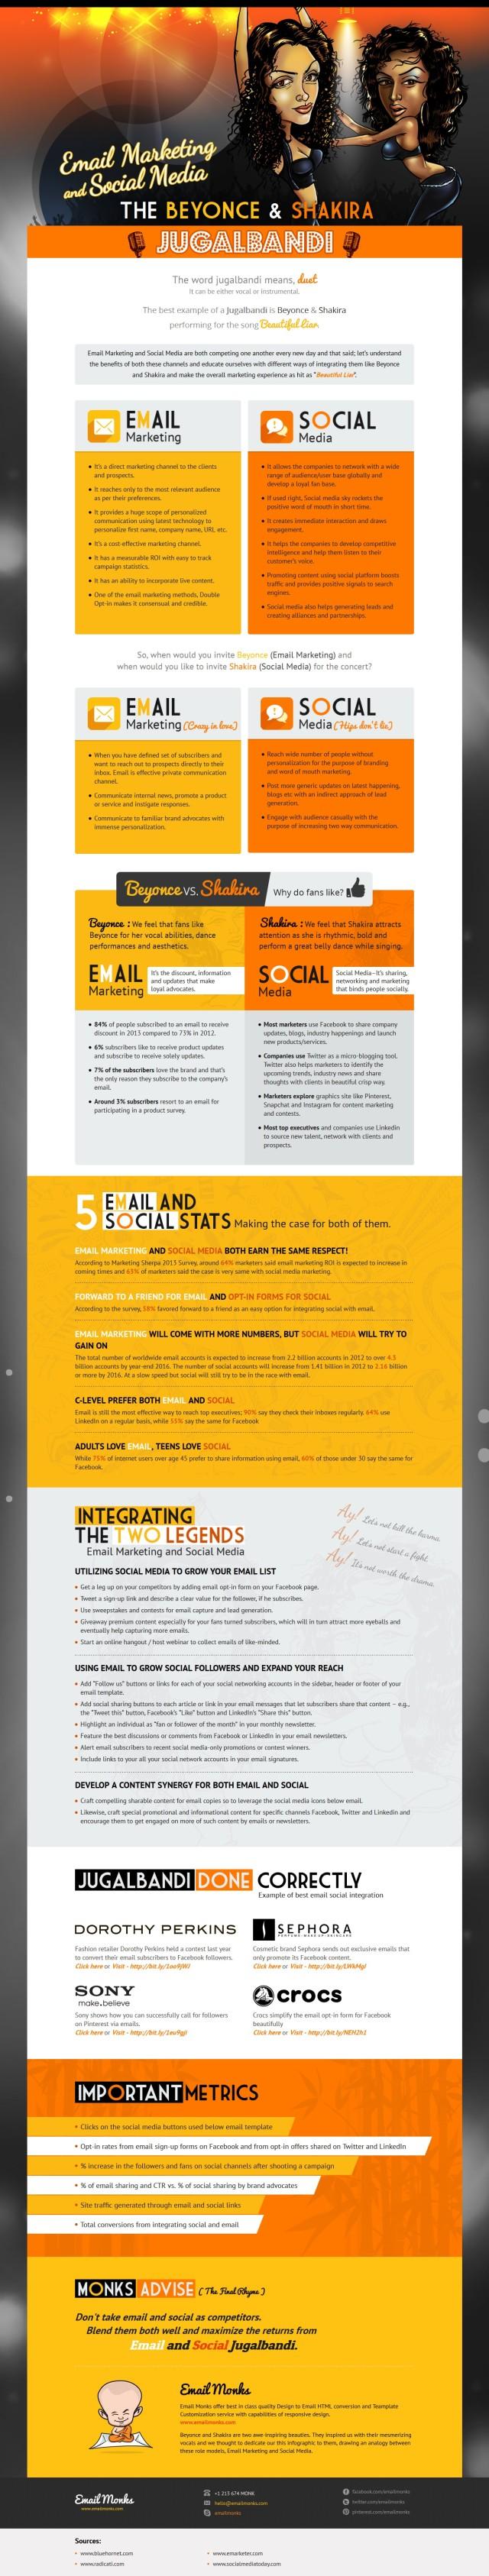 emailmarketing vs sociale Media